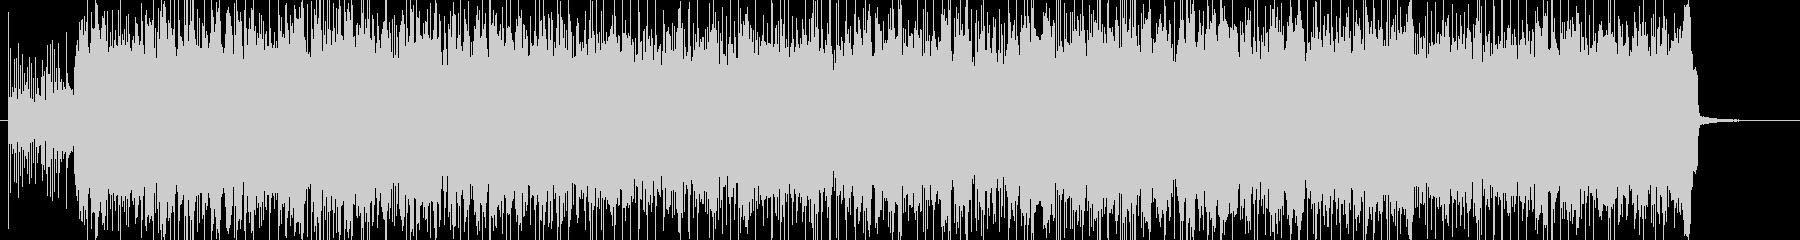 ザクザクスラッシュメタルの未再生の波形